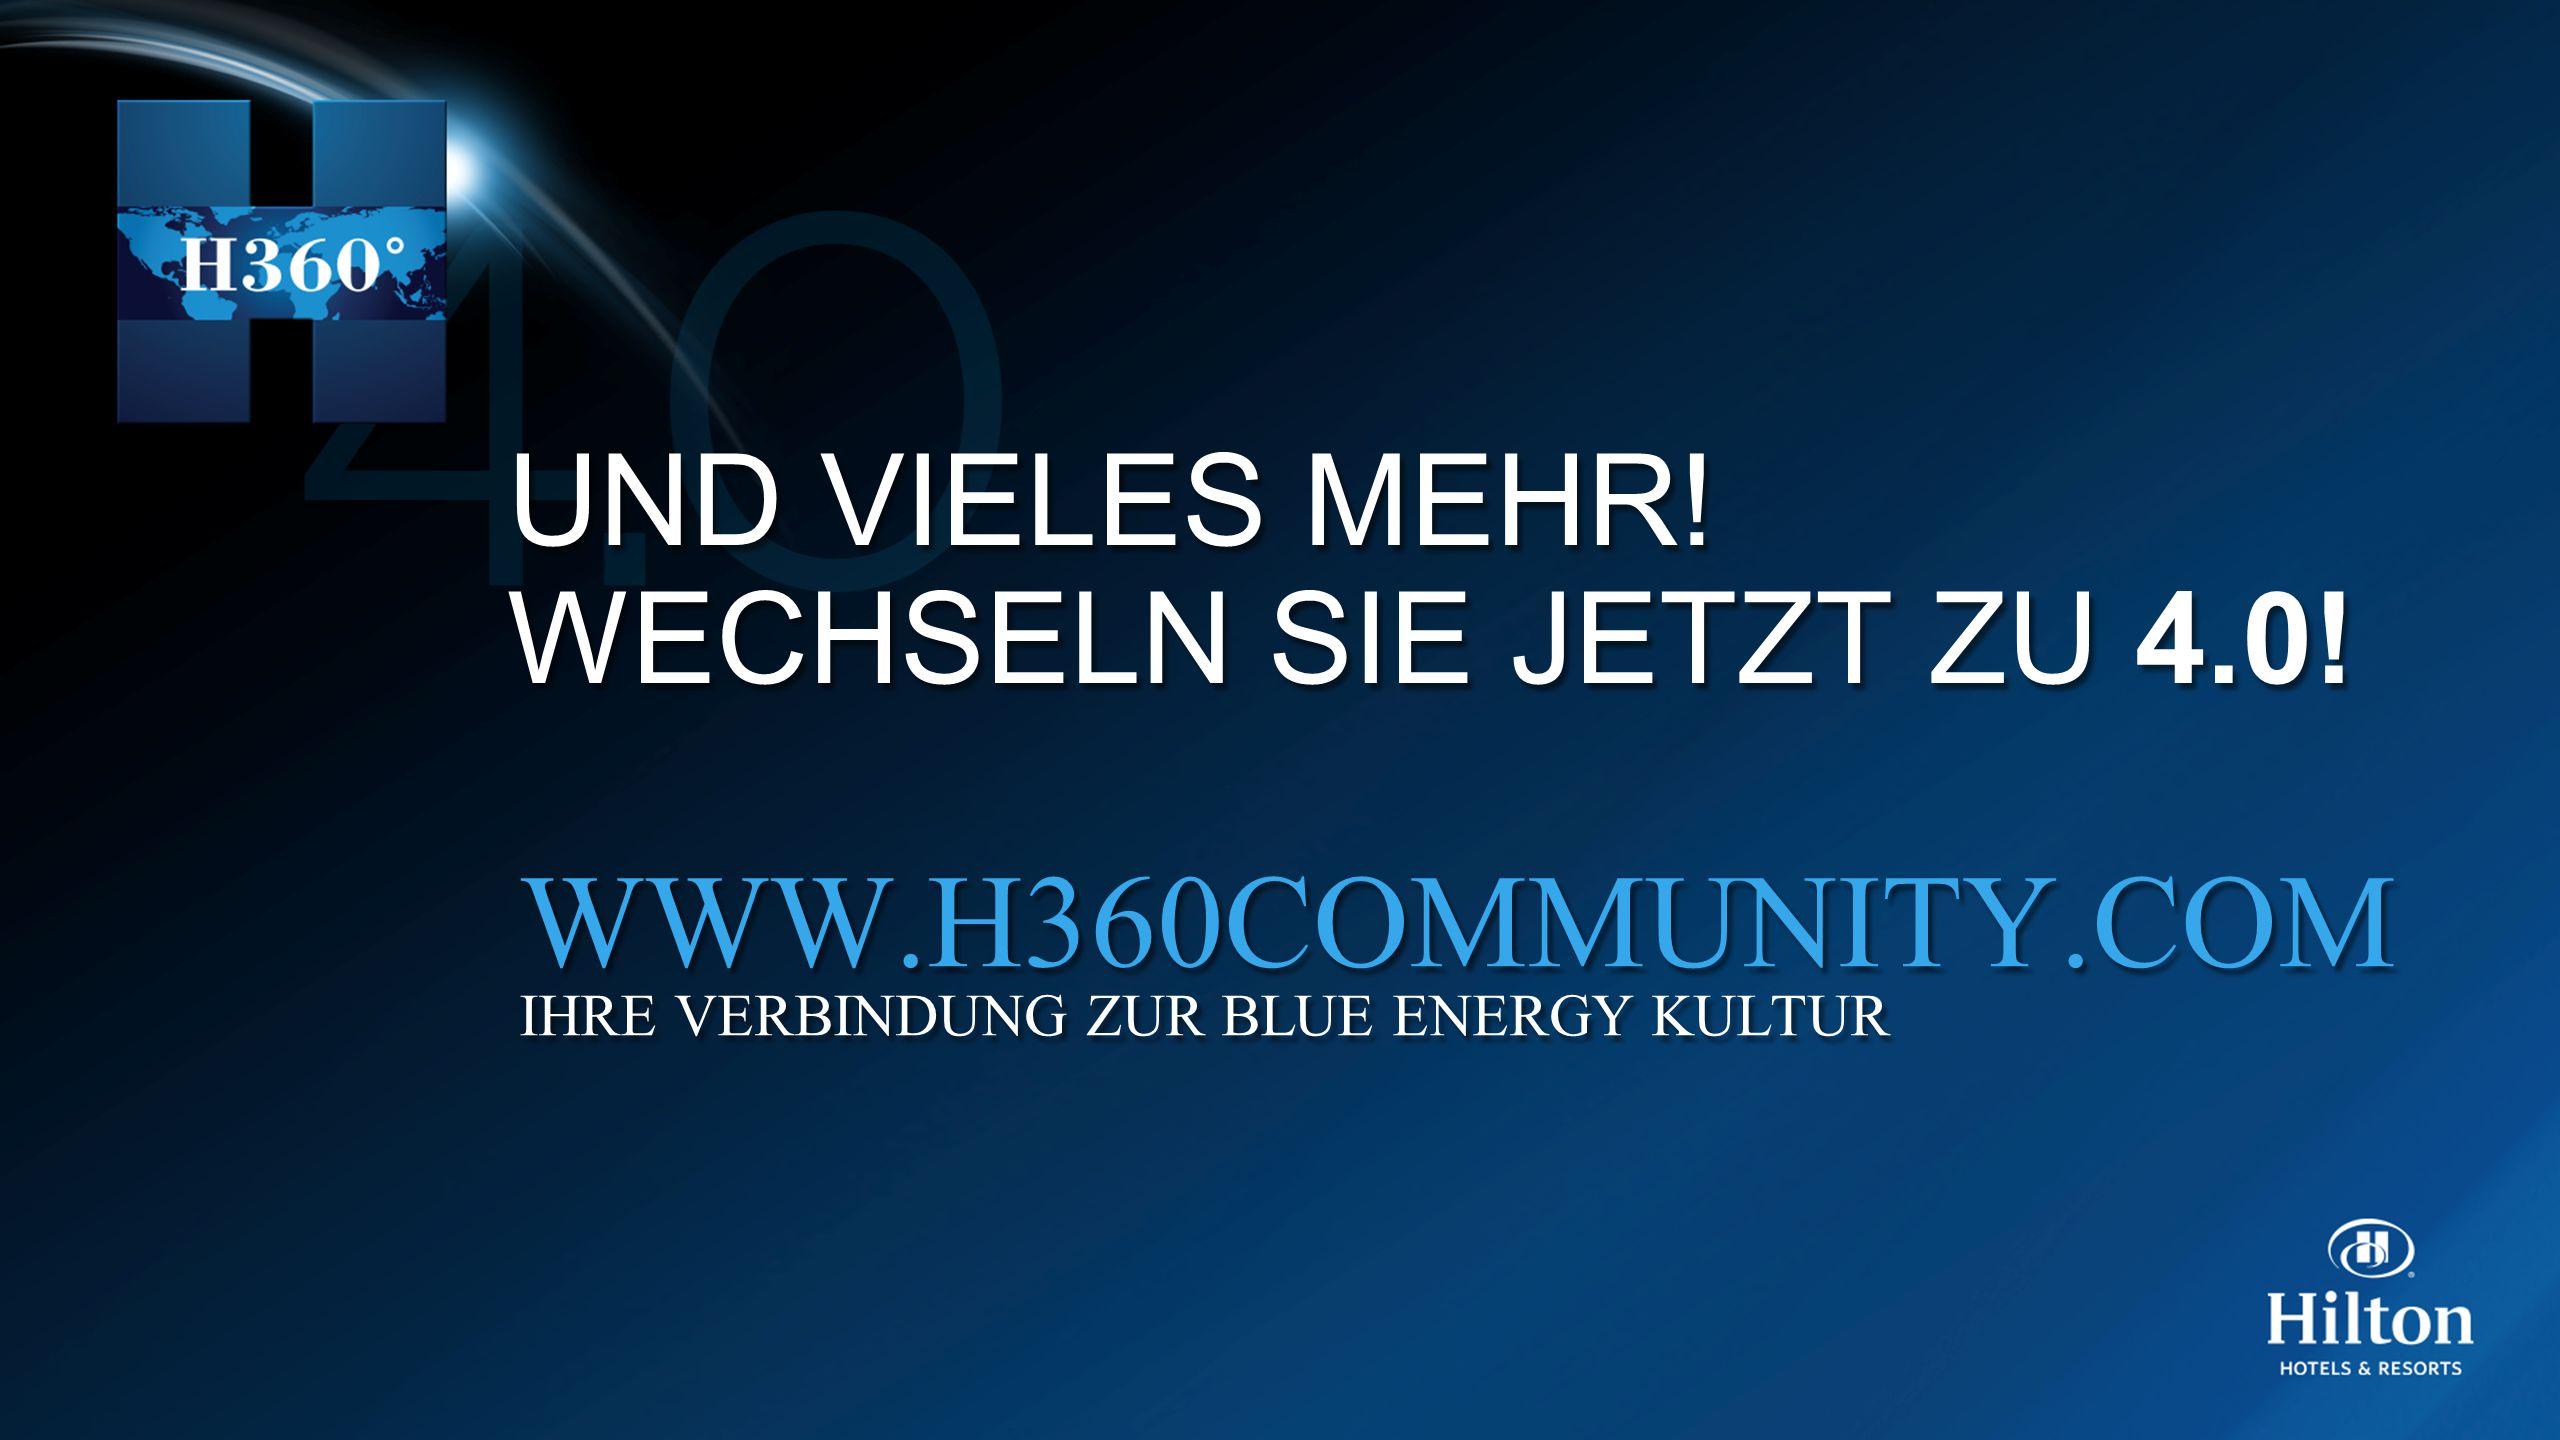 UND VIELES MEHR! WECHSELN SIE JETZT ZU 4.0! UND VIELES MEHR! WECHSELN SIE JETZT ZU 4.0! WWW.H360COMMUNITY.COM IHRE VERBINDUNG ZUR BLUE ENERGY KULTUR W